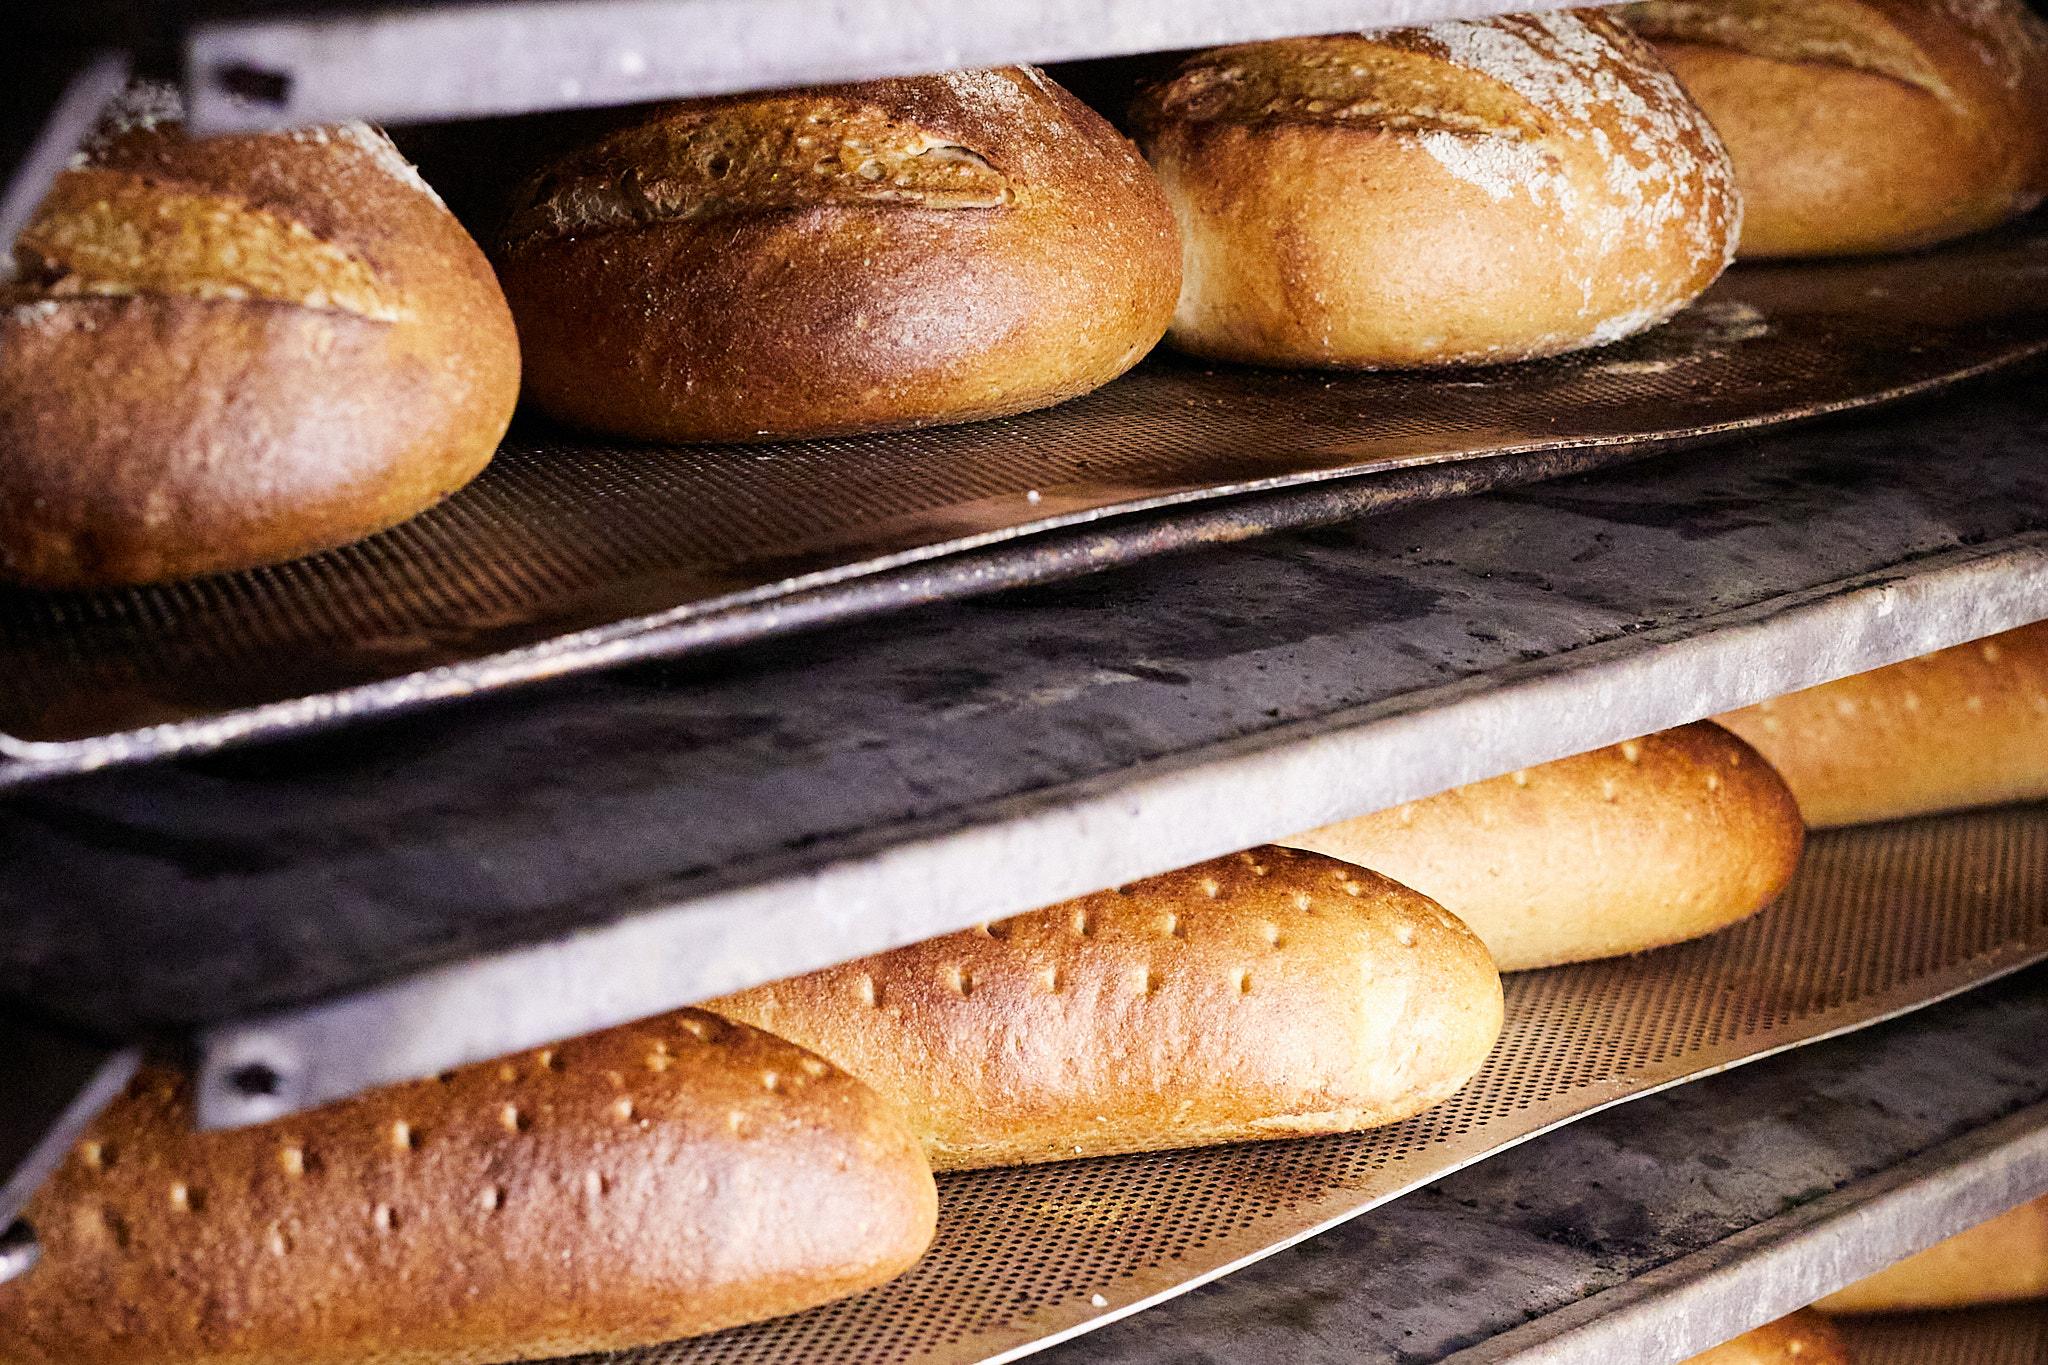 Die Bäcker Brüder sind Kunden und Partner der gastroPROFIS - Konzept, Betreuung und Workshops für die Gastronomie